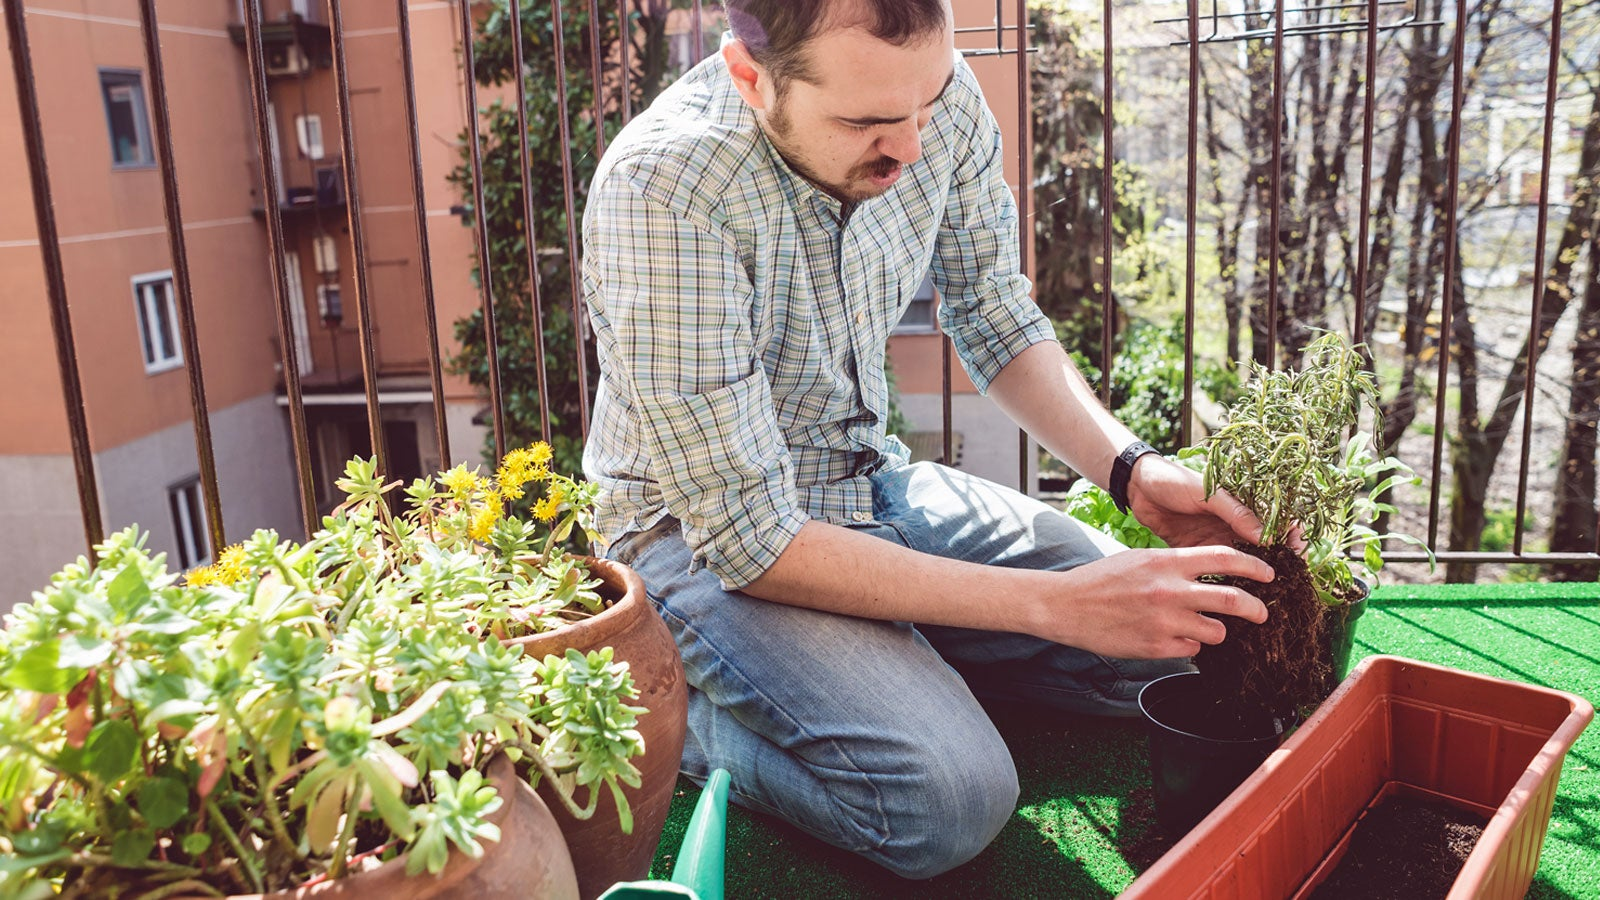 garten im april welche pflanzen jetzt ges t werden d rfen und welche noch nicht. Black Bedroom Furniture Sets. Home Design Ideas